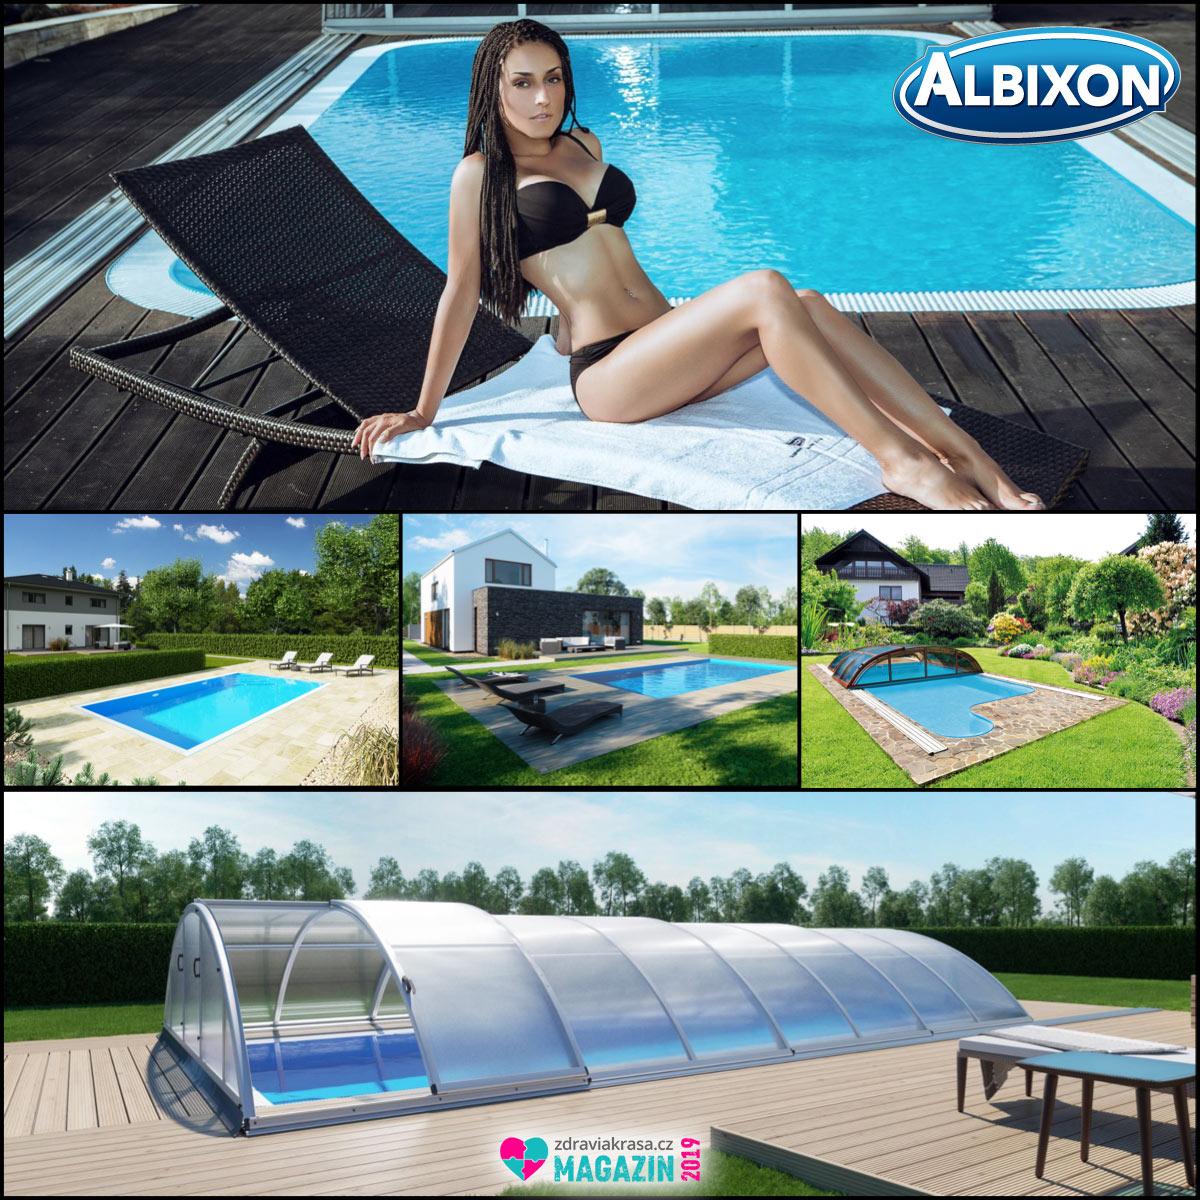 Kvalitní bazén se zastřešením nabízí dlouhou životnost a vysokou užitnou hodnotu.